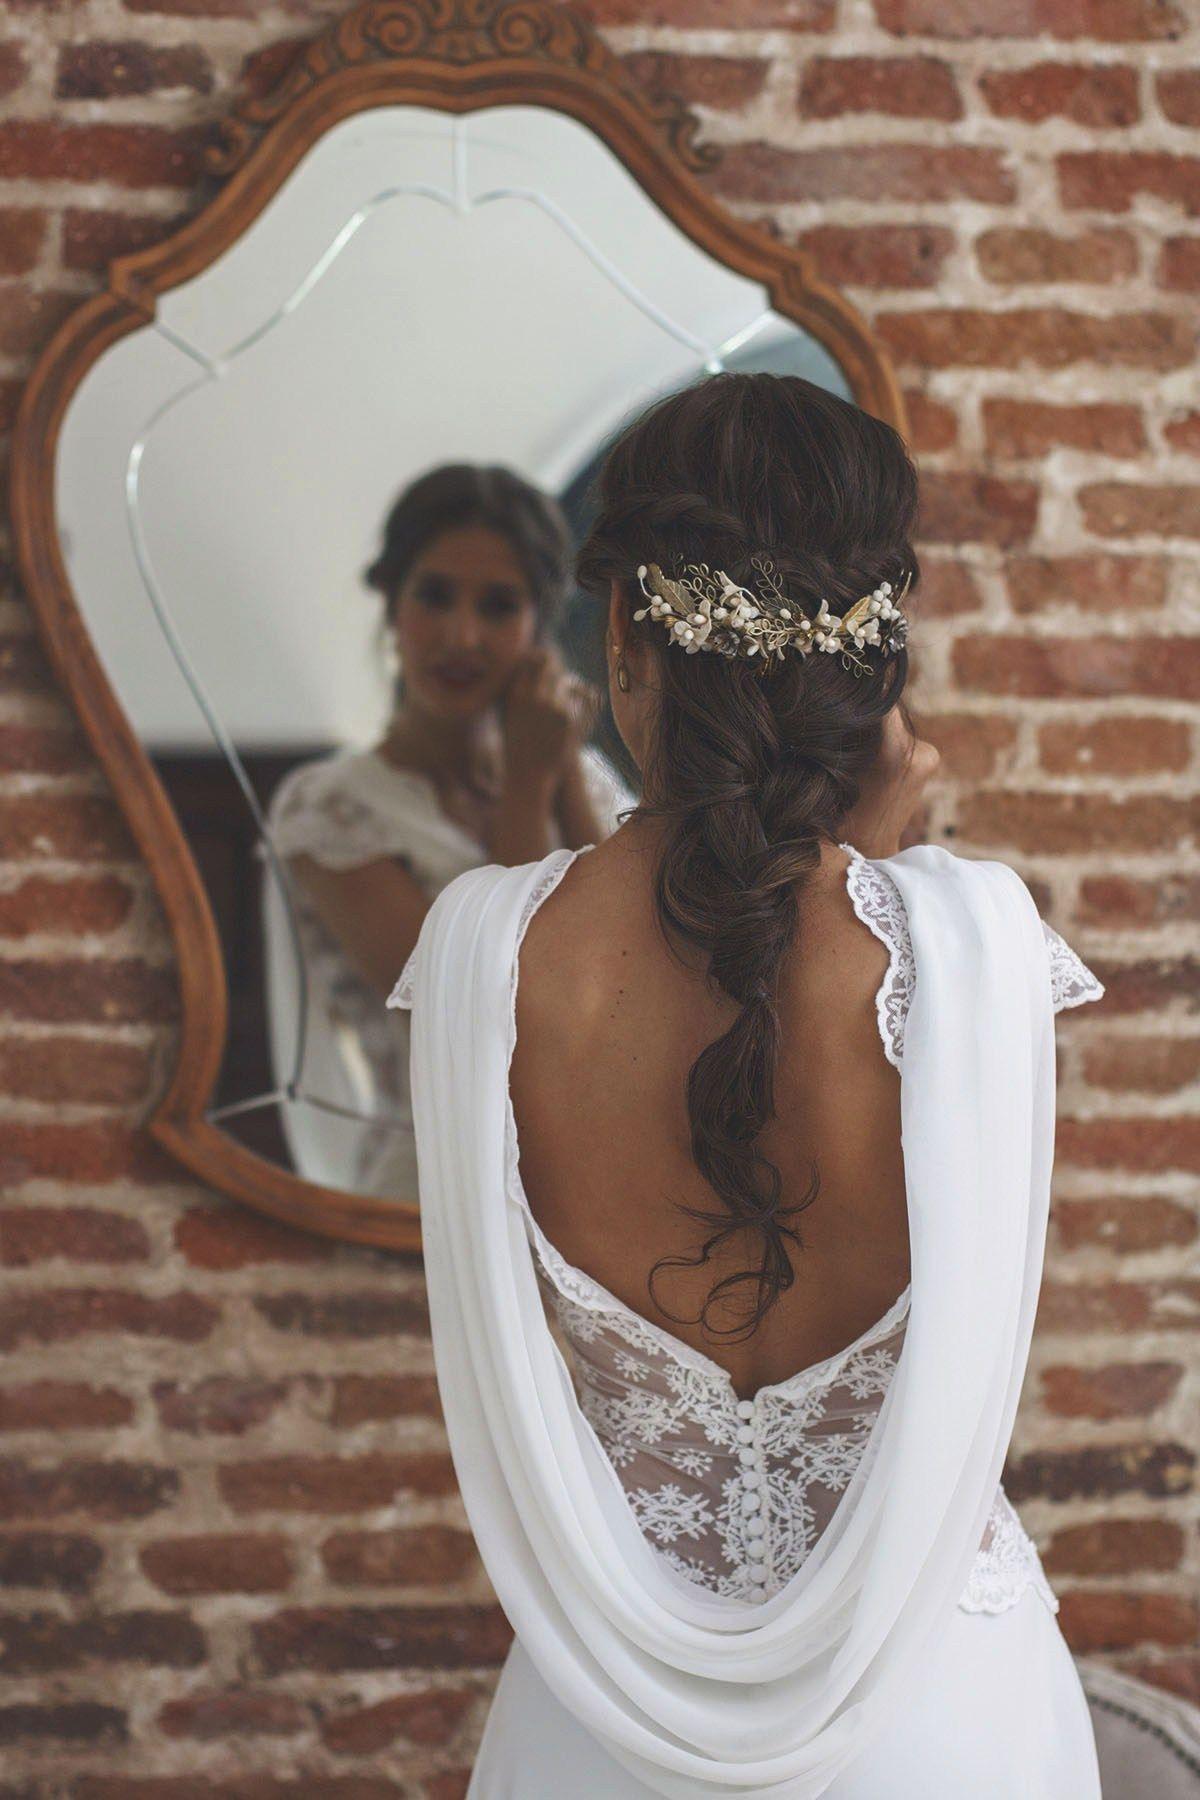 Gran escote trasero # vestido de novia # casarse